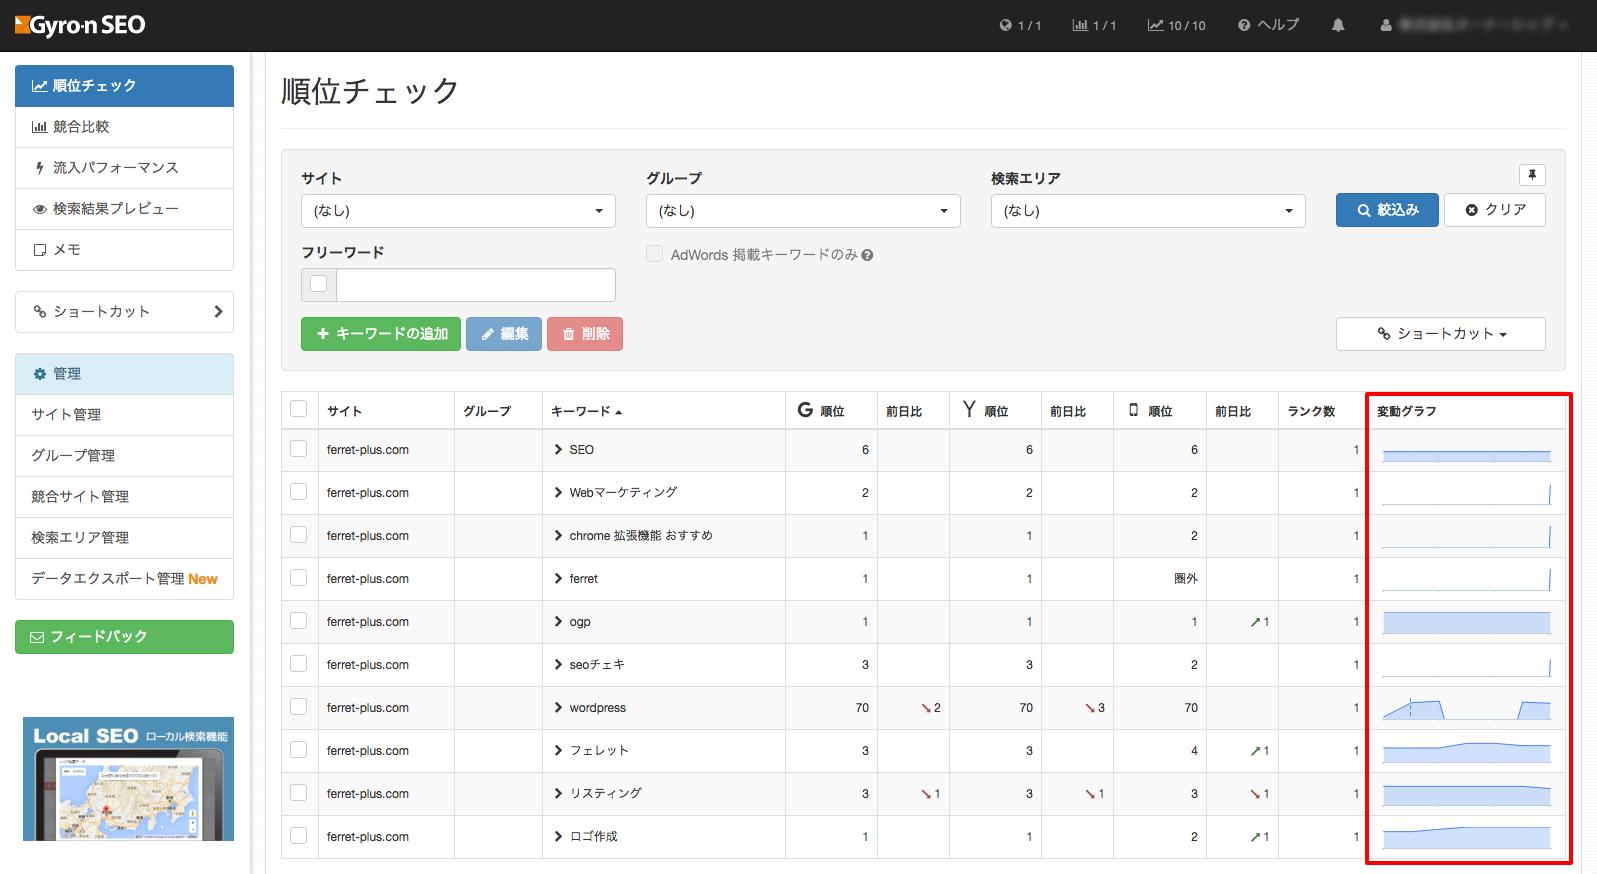 Gyro-n_SEO_2順位チェック_5.png